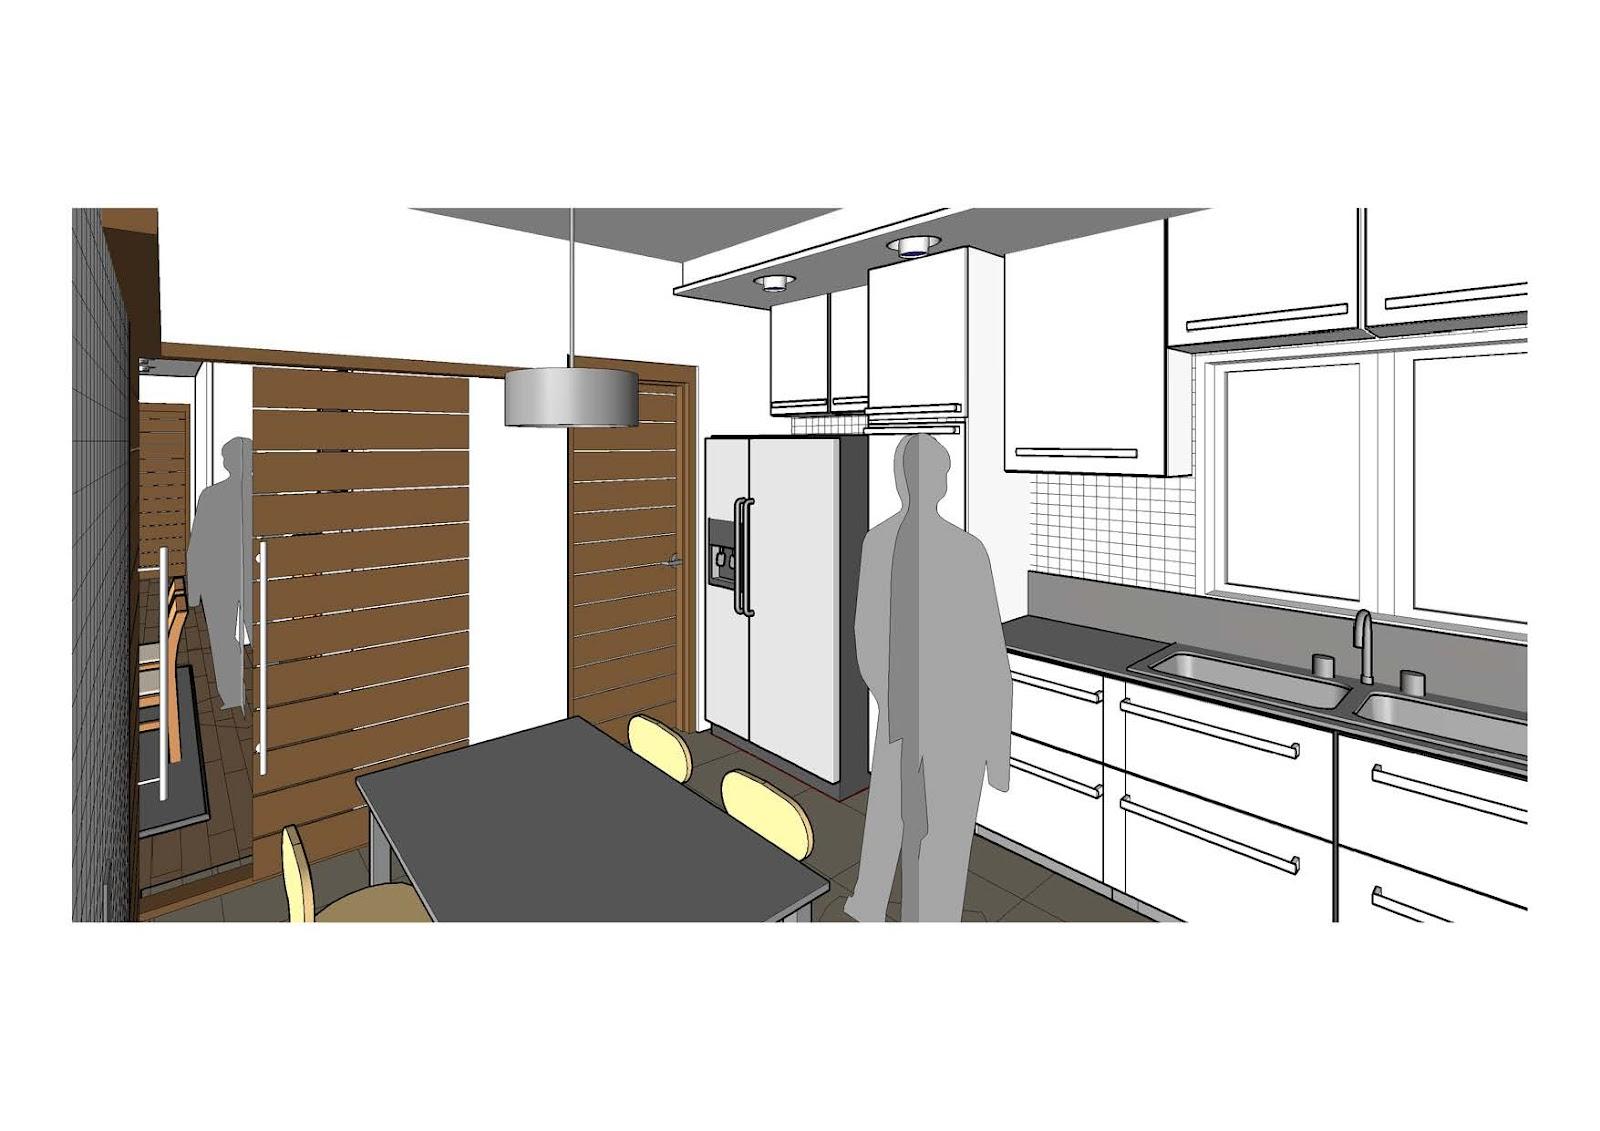 de apartamentos pequenos flat 4d Projetos Arquitetura Sustentável #8D823E 1600 1131